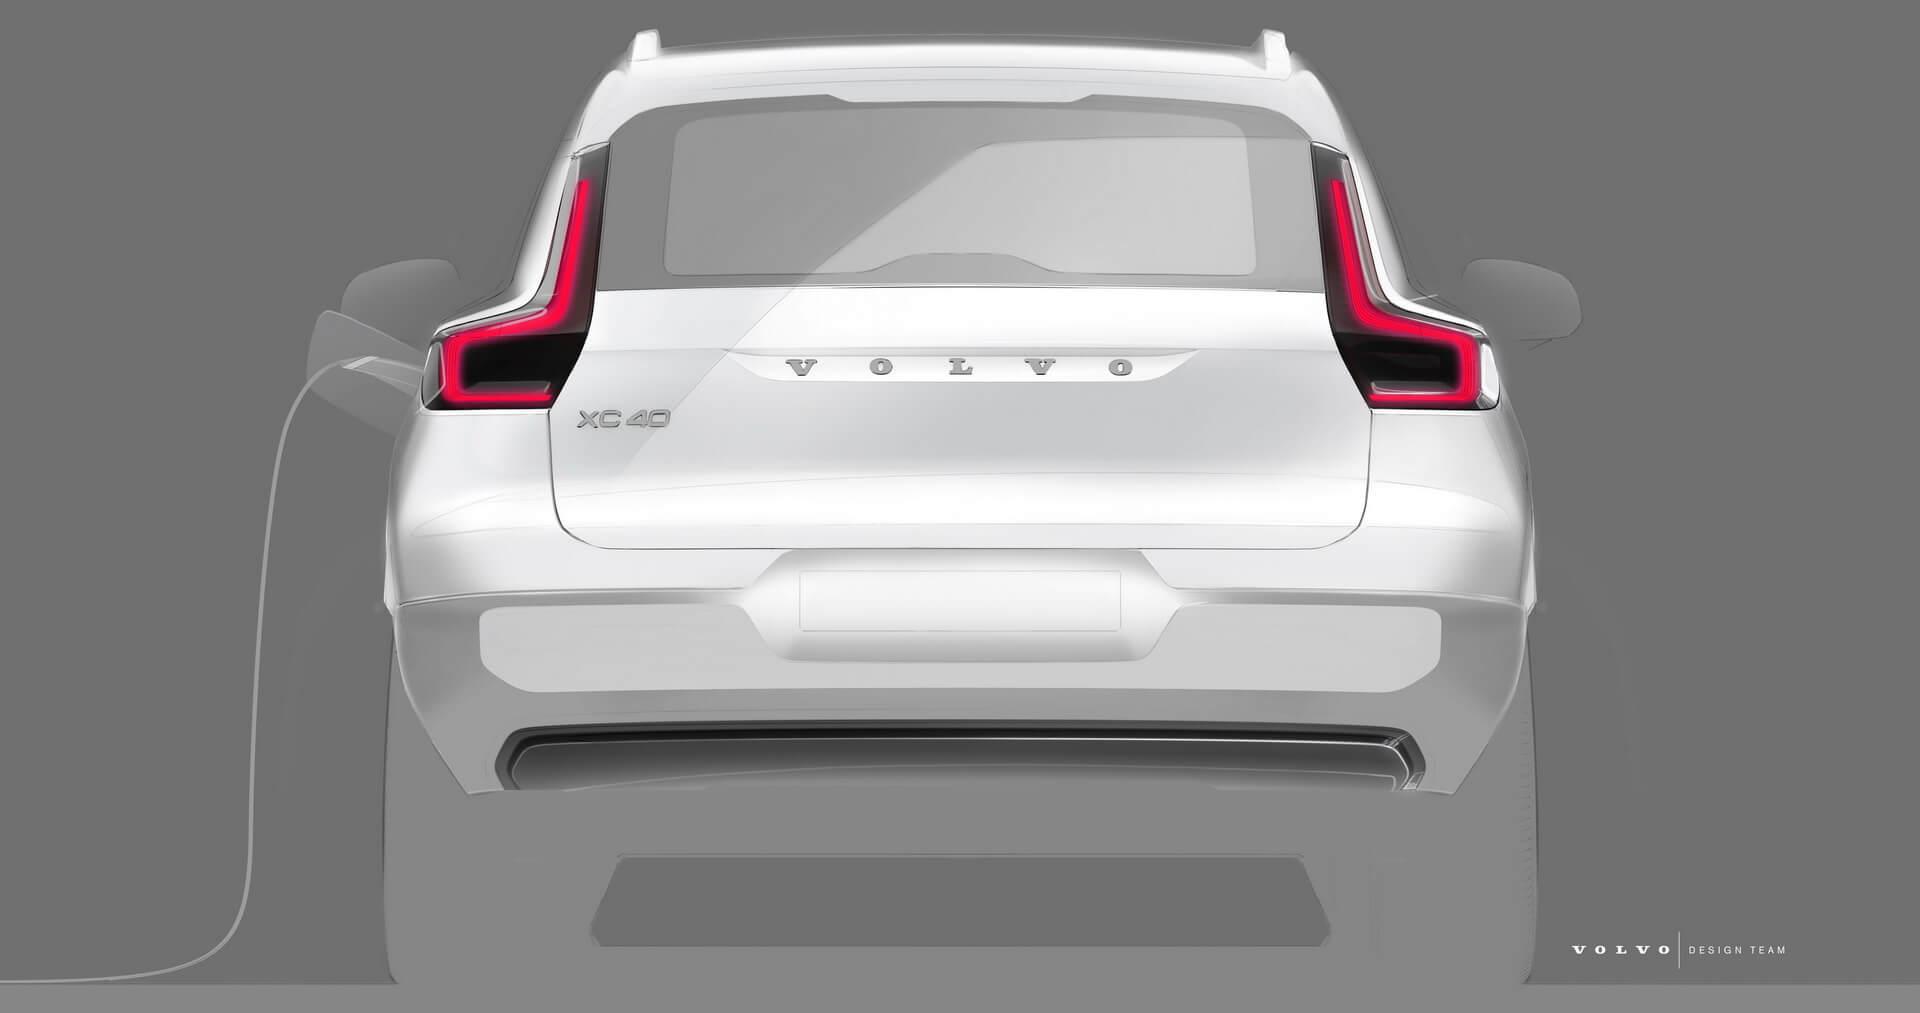 Тизер електричного кросовера Volvo XC40